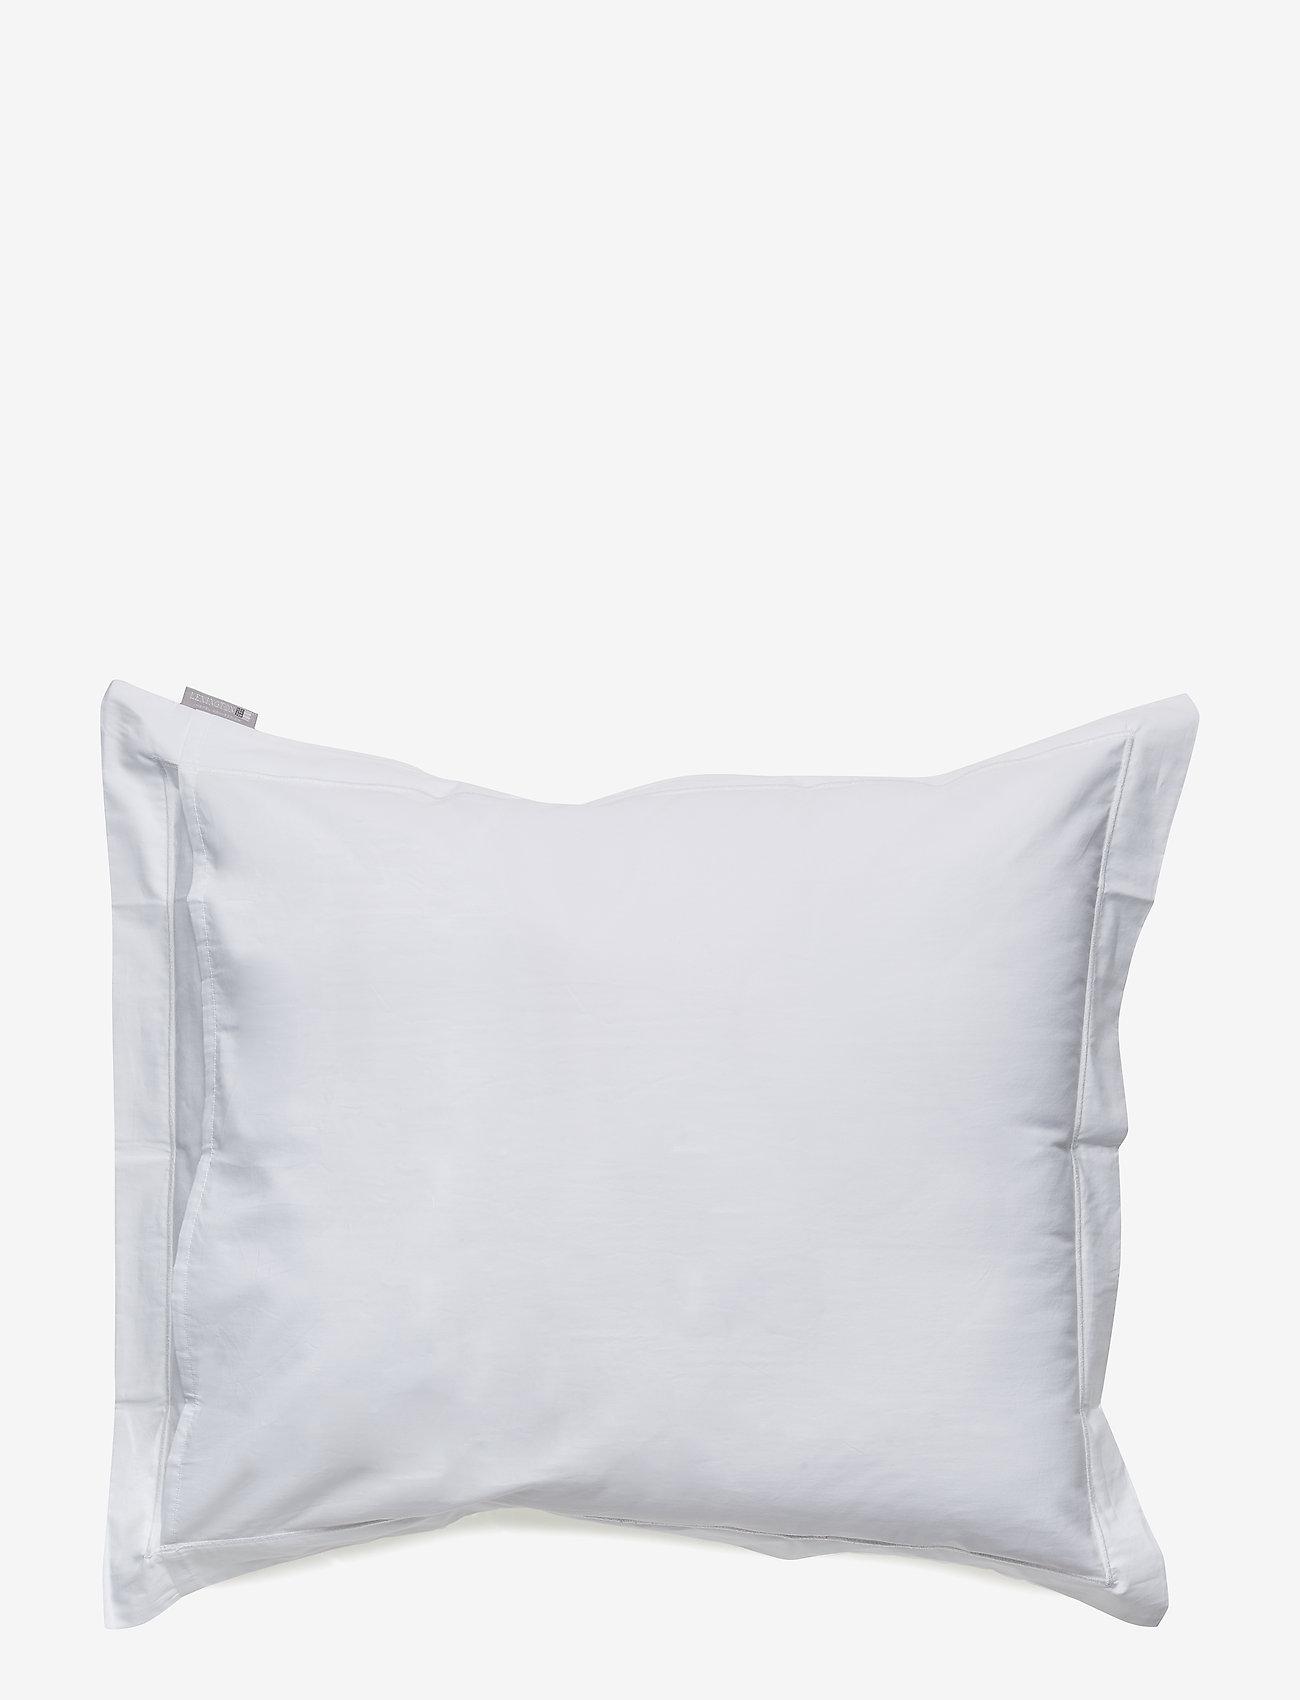 Lexington Home - Hotel Percale White/Lt Beige Pillowcase - taies d'oreiller - white/lt beige - 1